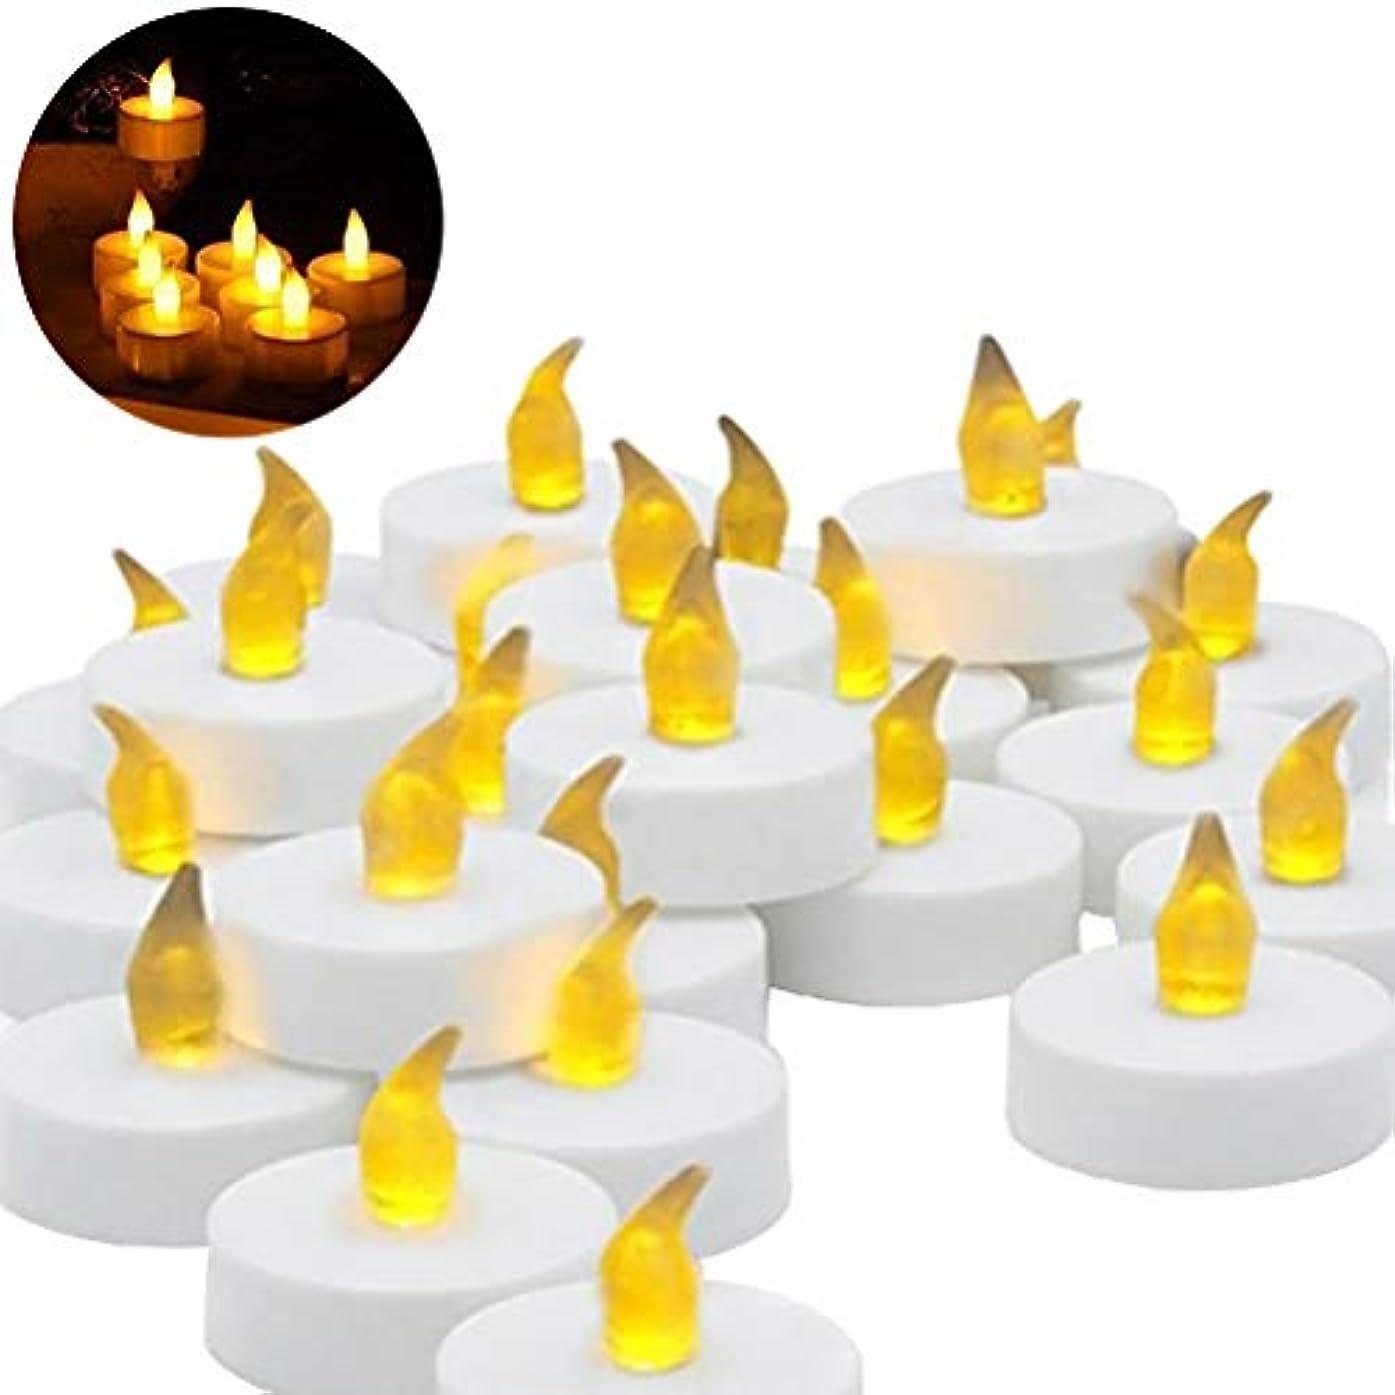 暴露する配管七時半LEDMOMO キャンドル LED 誕生日キャンドル プラスチック 無炎 フェスティバル 祭り 祝賀(白)